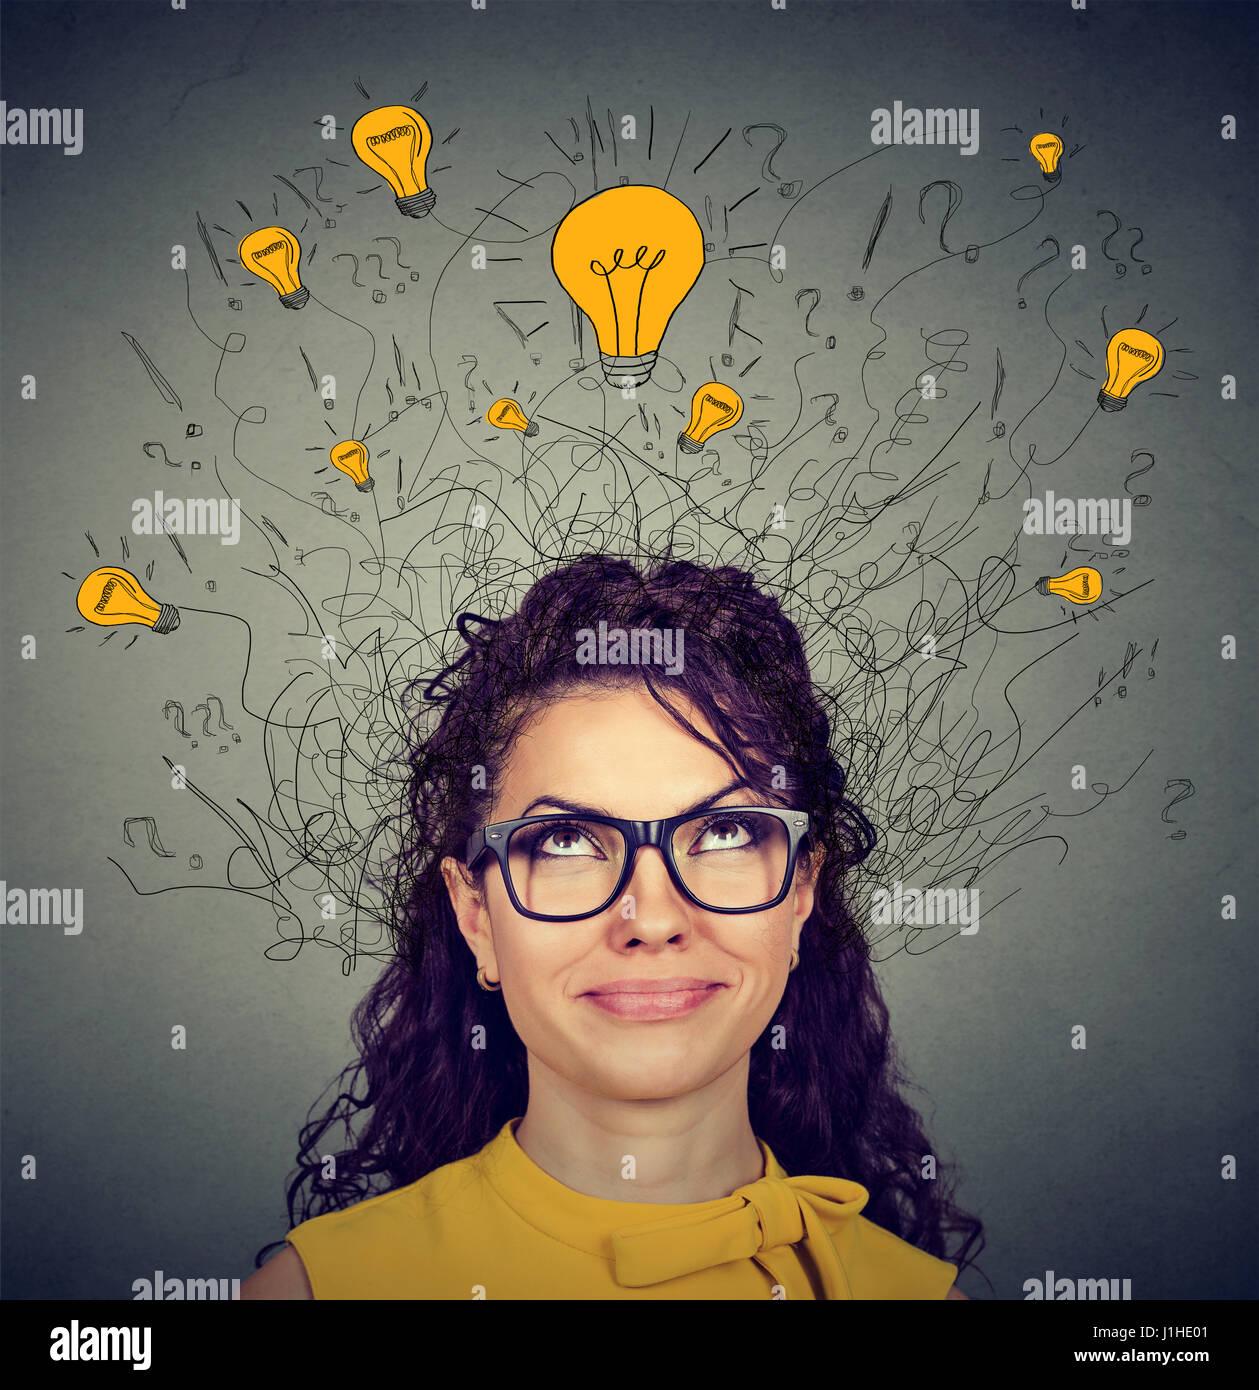 Junge Frau in Gläsern mit vielen Ideen, die Glühbirnen über Kopf nach oben isoliert auf graue Wand Stockbild